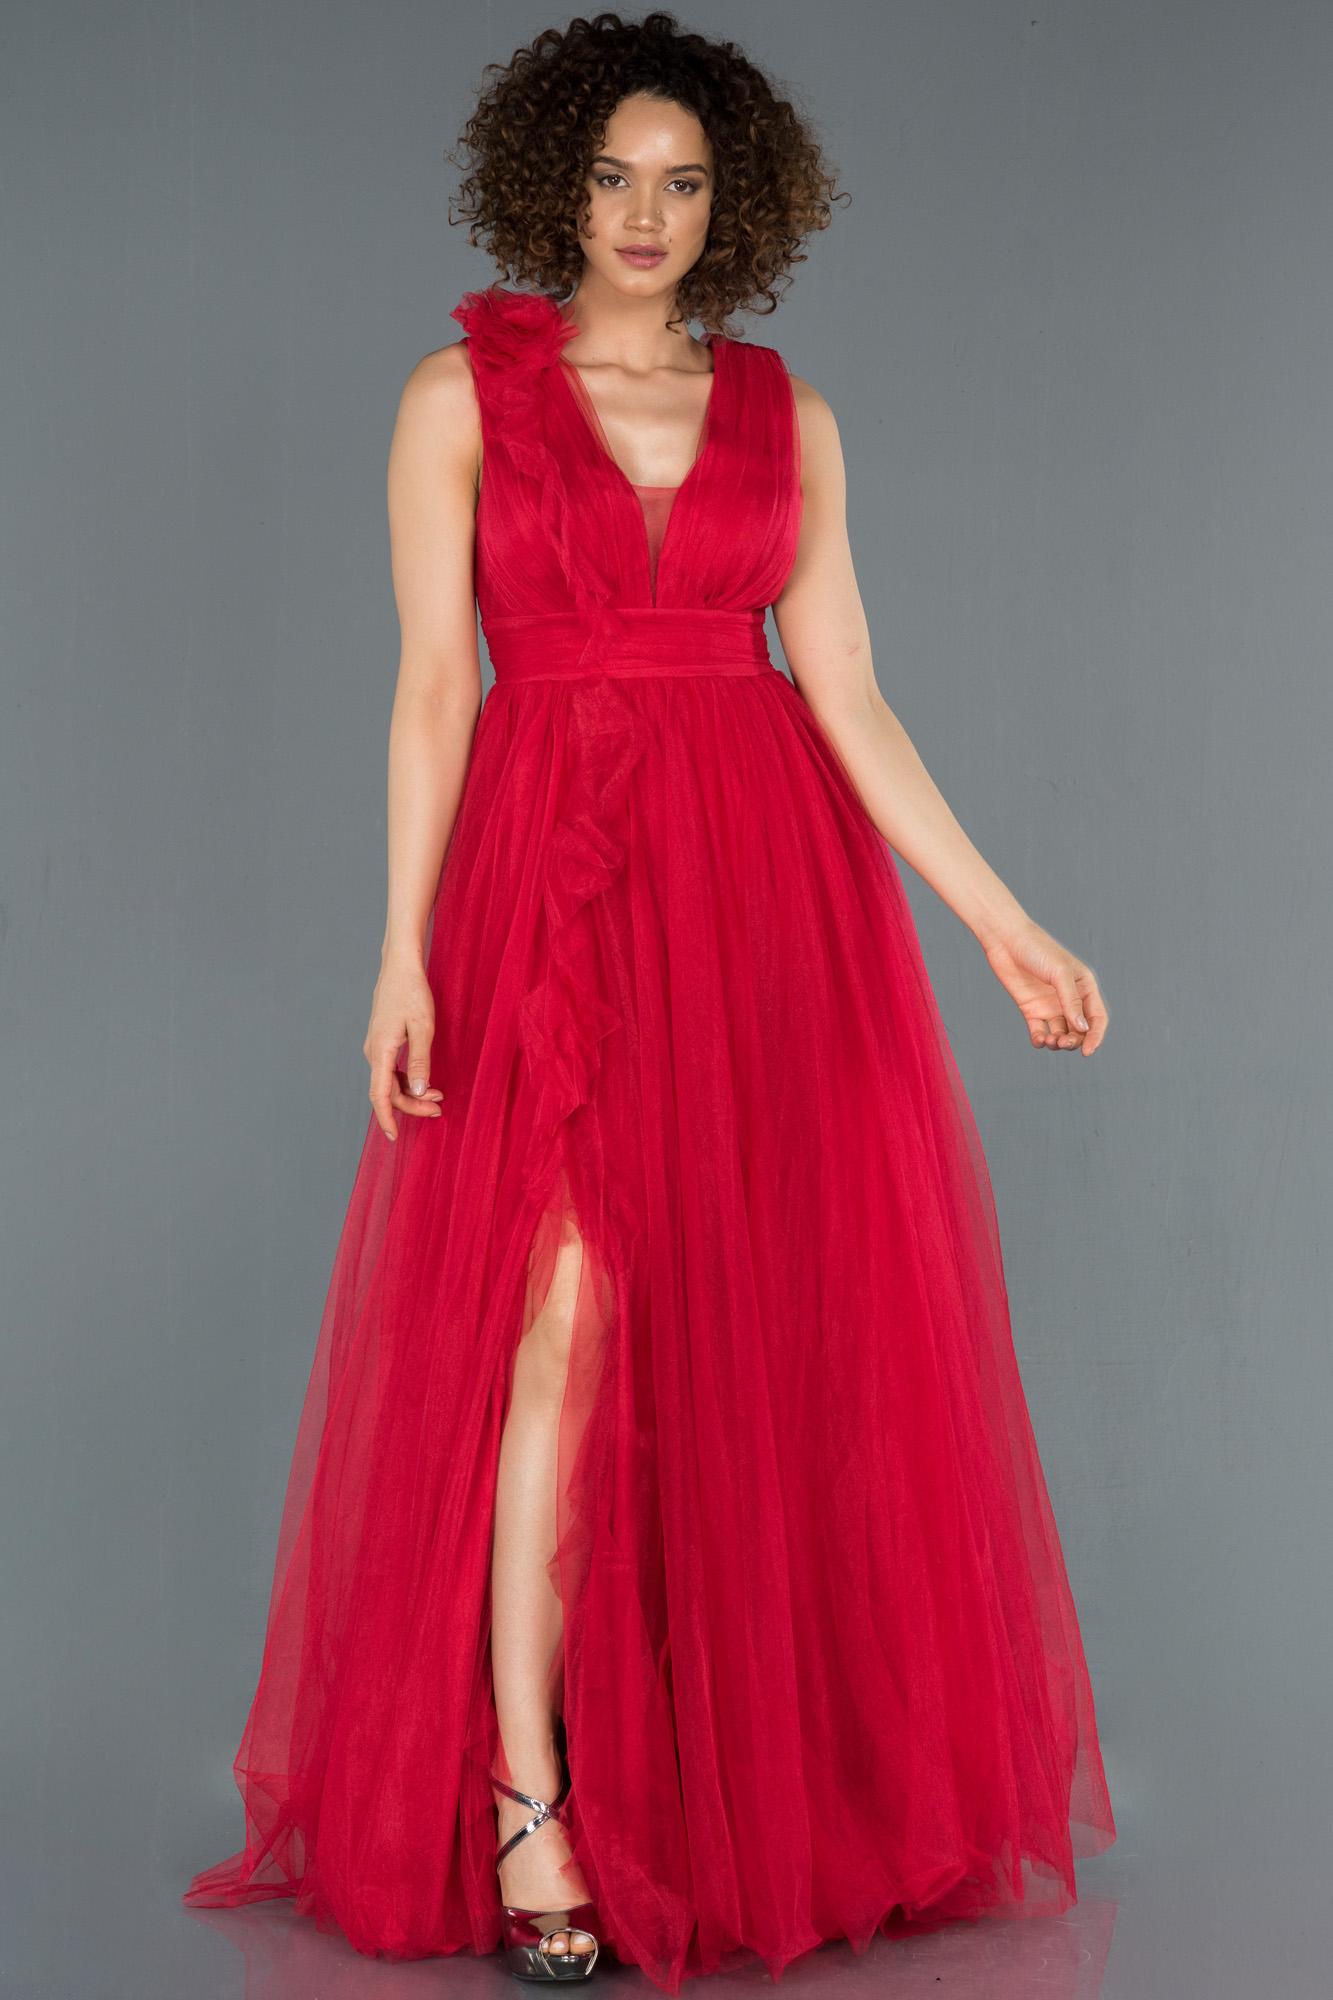 Kırmızı Bacak Dekolteli Tül Abiye Elbise